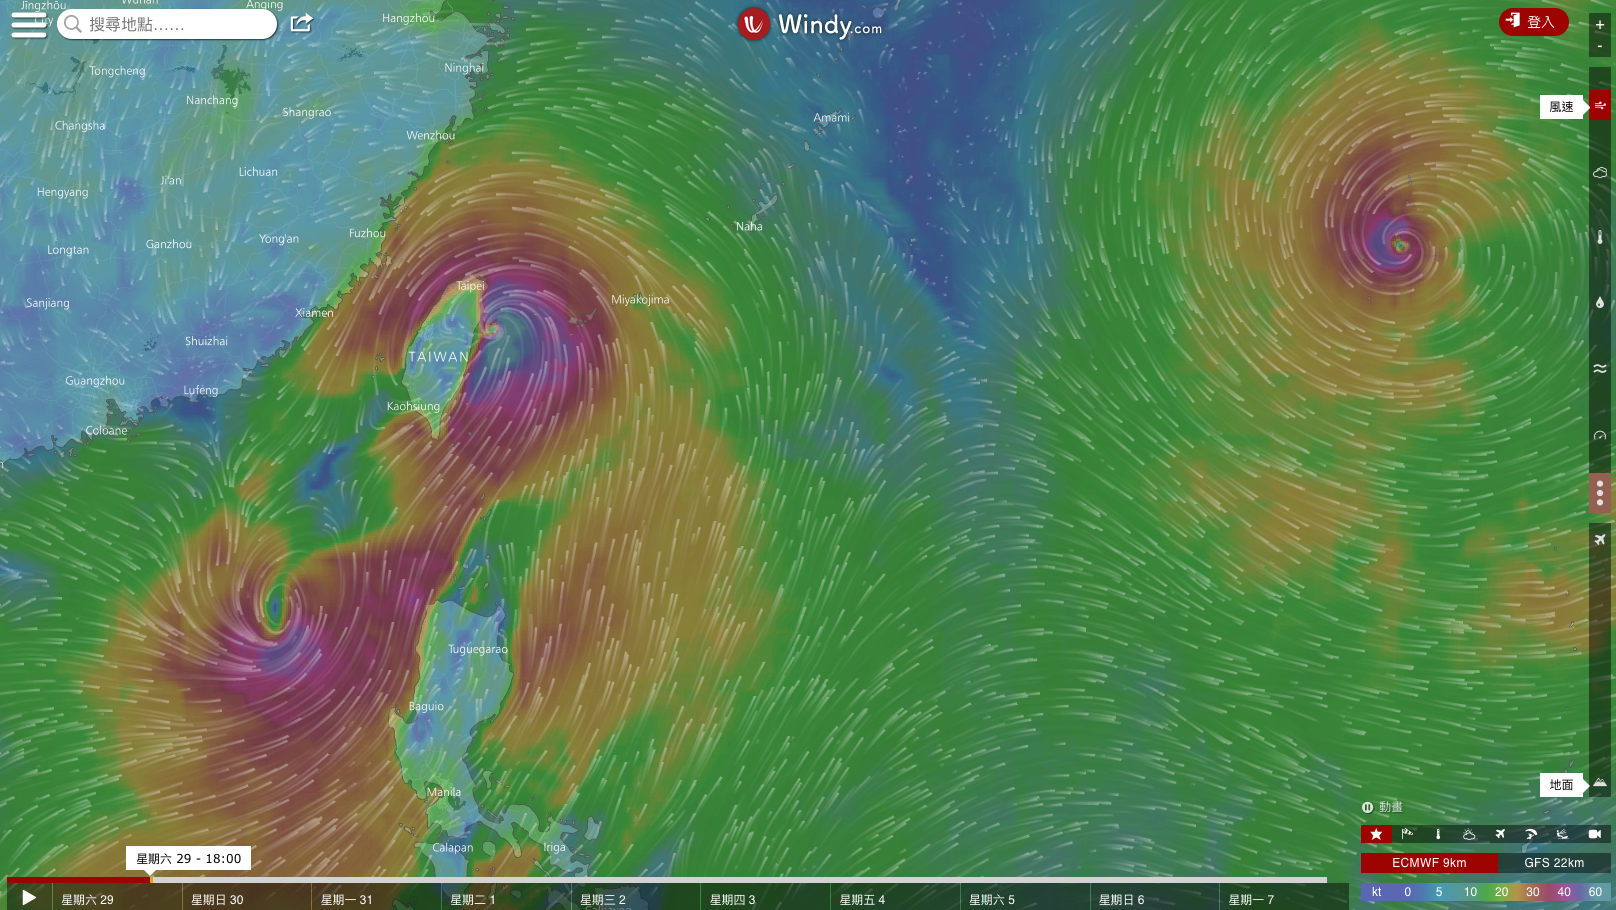 天氣即時預報 尼莎和海棠颱風